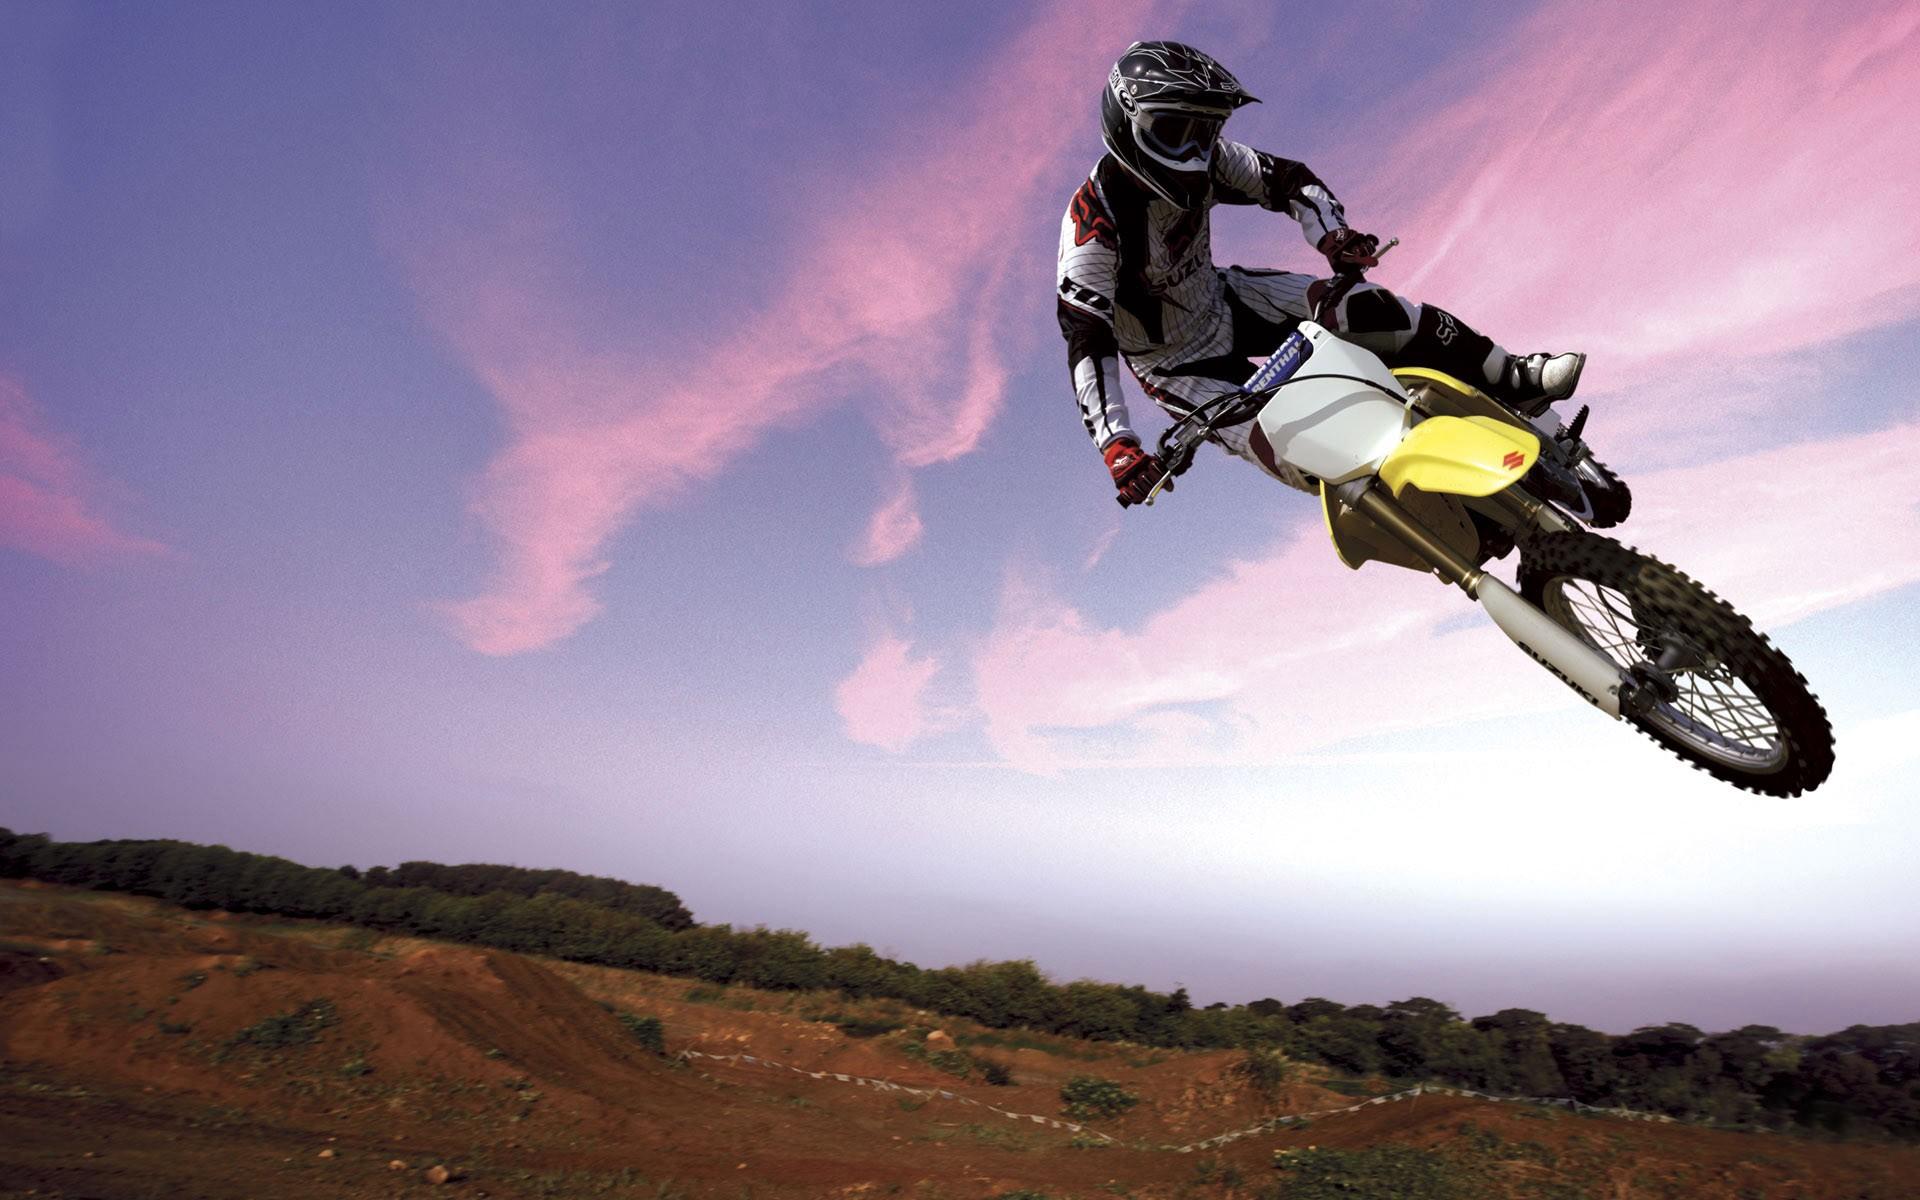 Salto En Moto Suzuki Hd 1920x1200